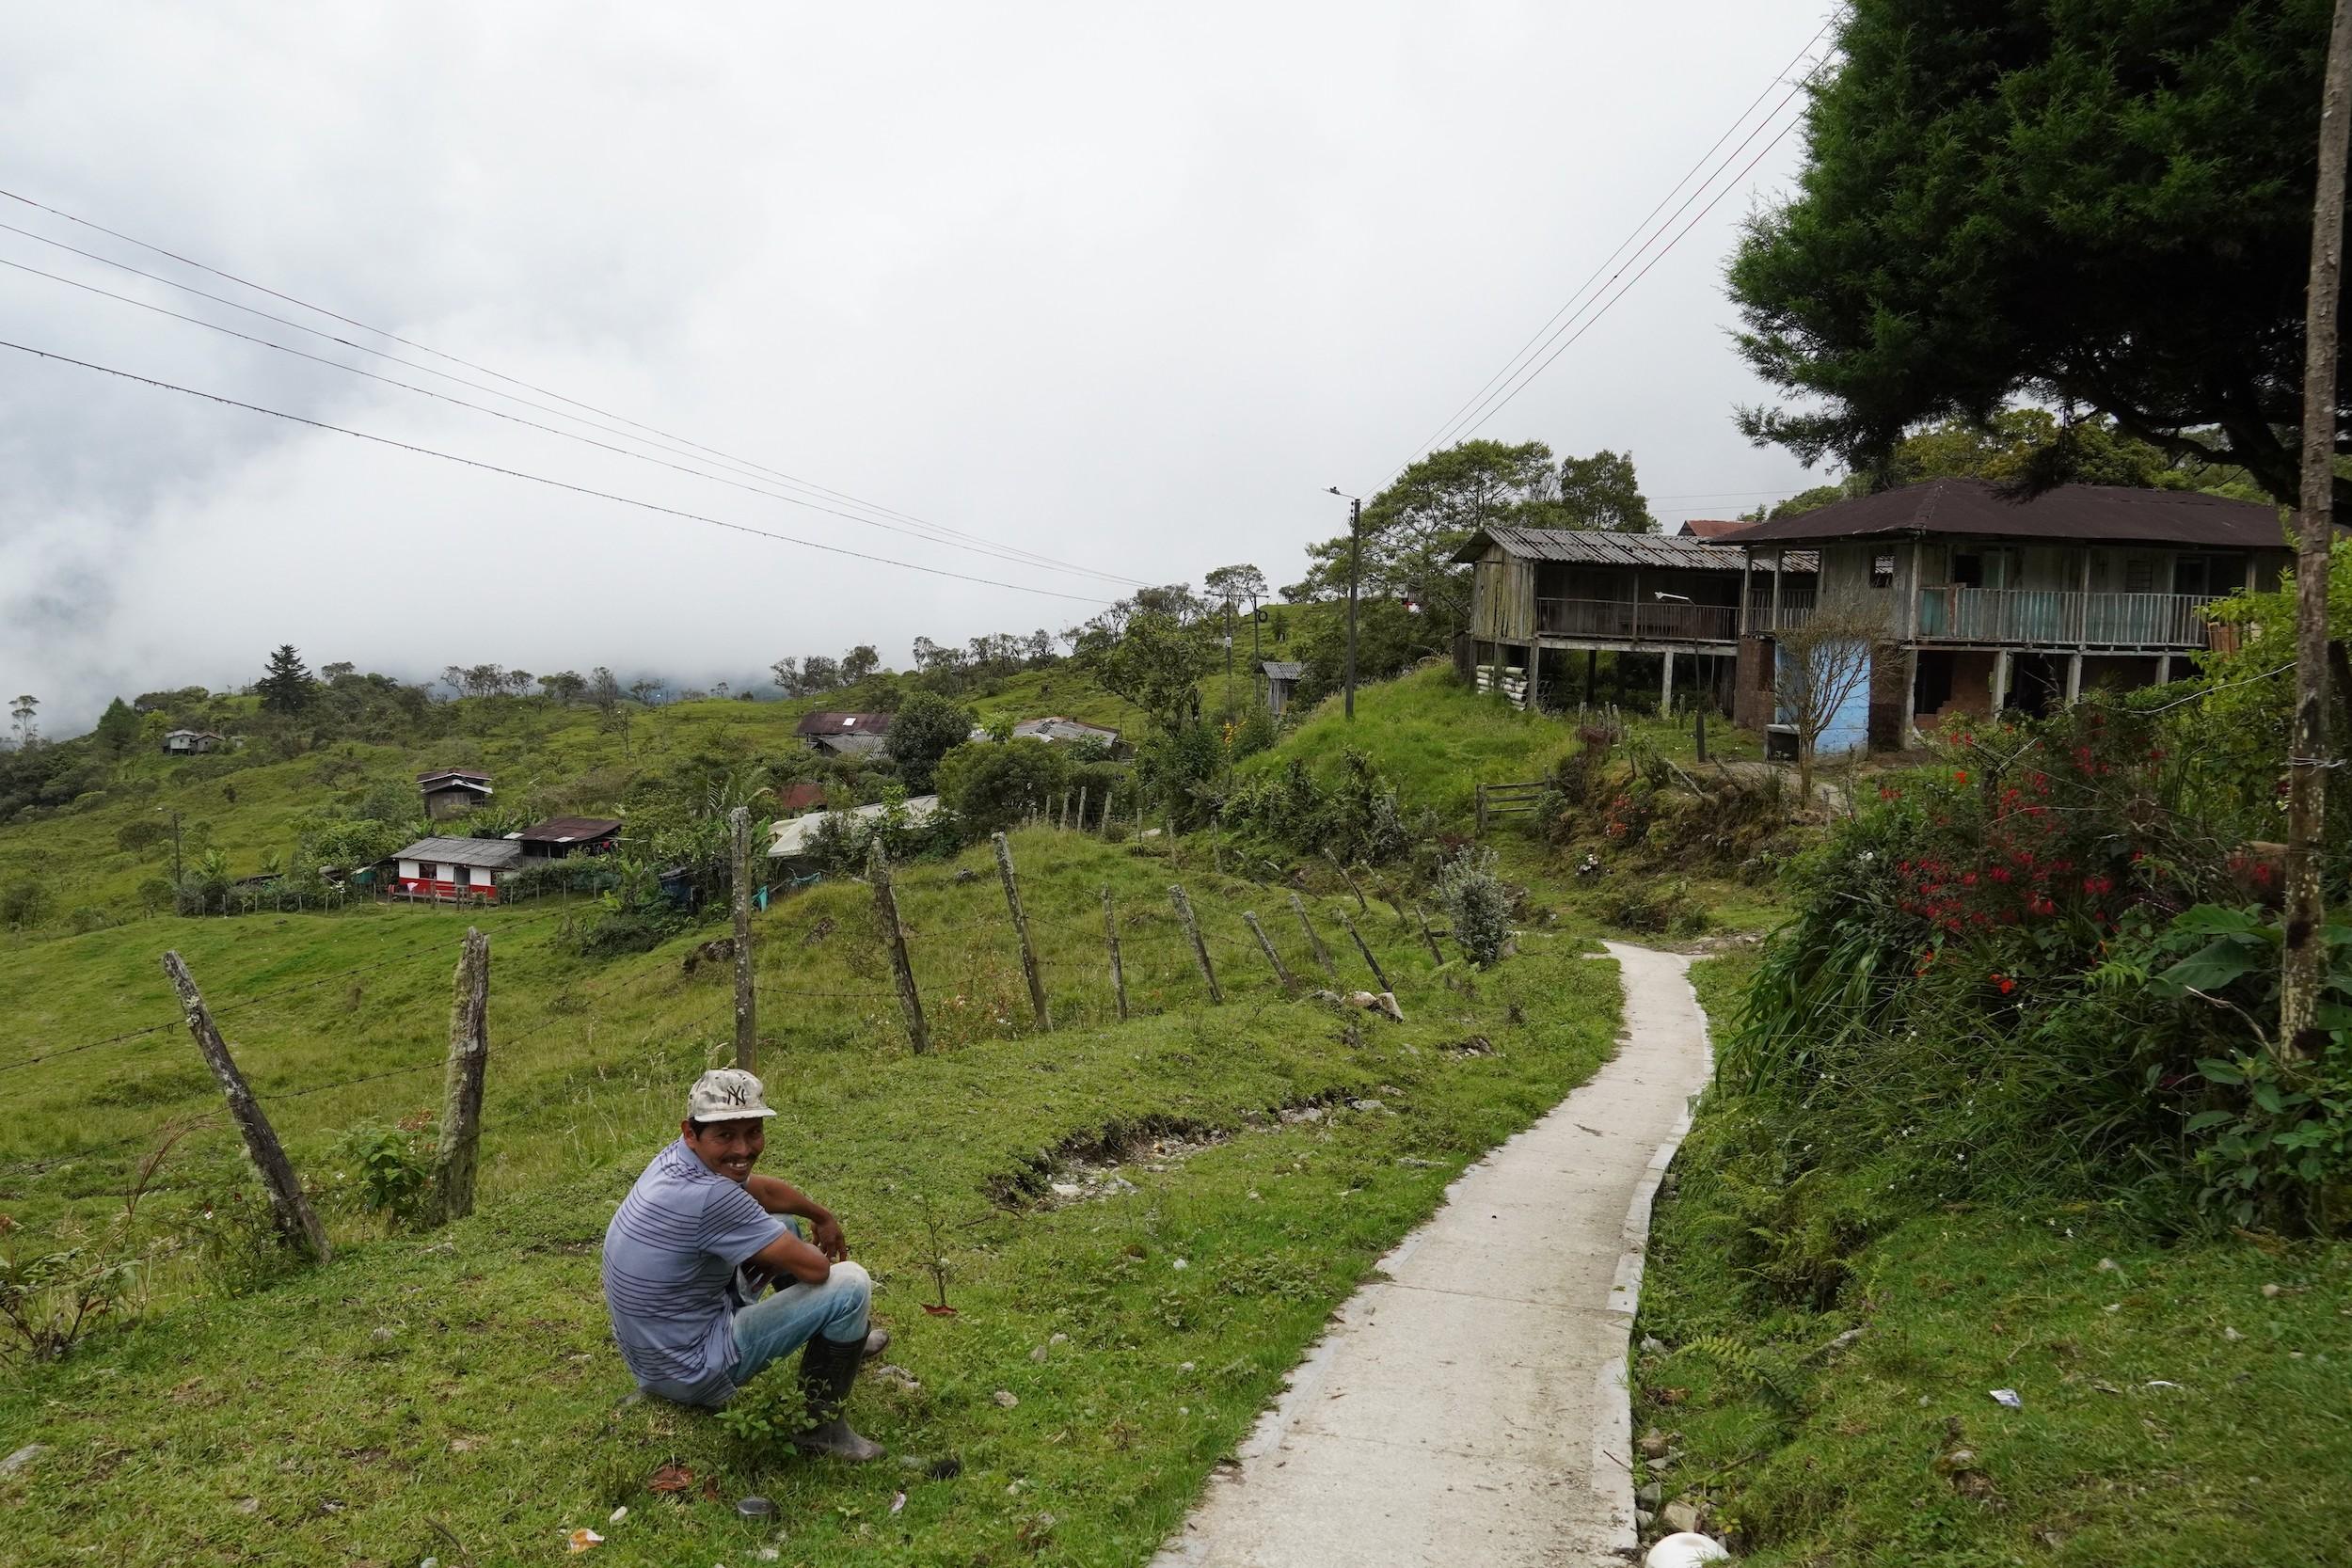 Vereda Minchoy en el municipio de San Francisco, Putumayo. Foto: María Fernanda Lizcano.